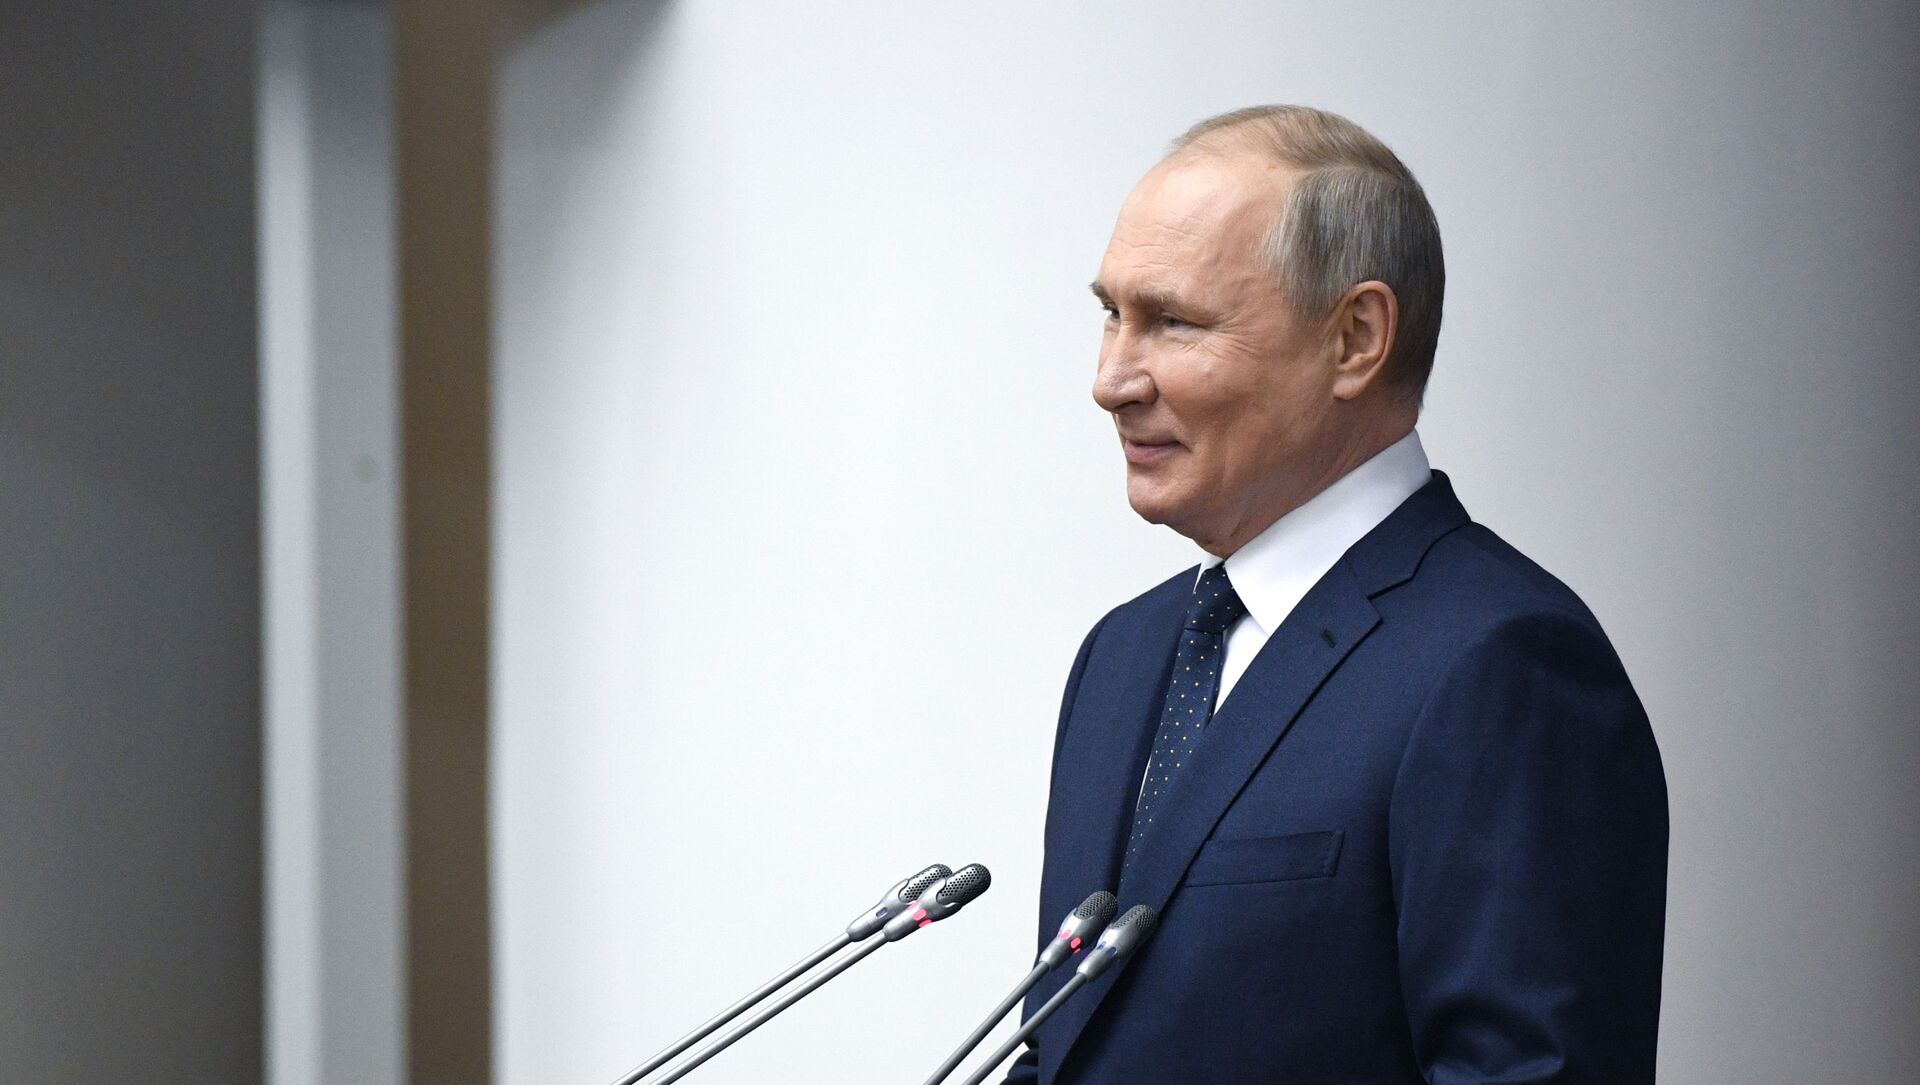 27 апреля 2021. Президент РФ Владимир Путин - Sputnik Latvija, 1920, 09.05.2021